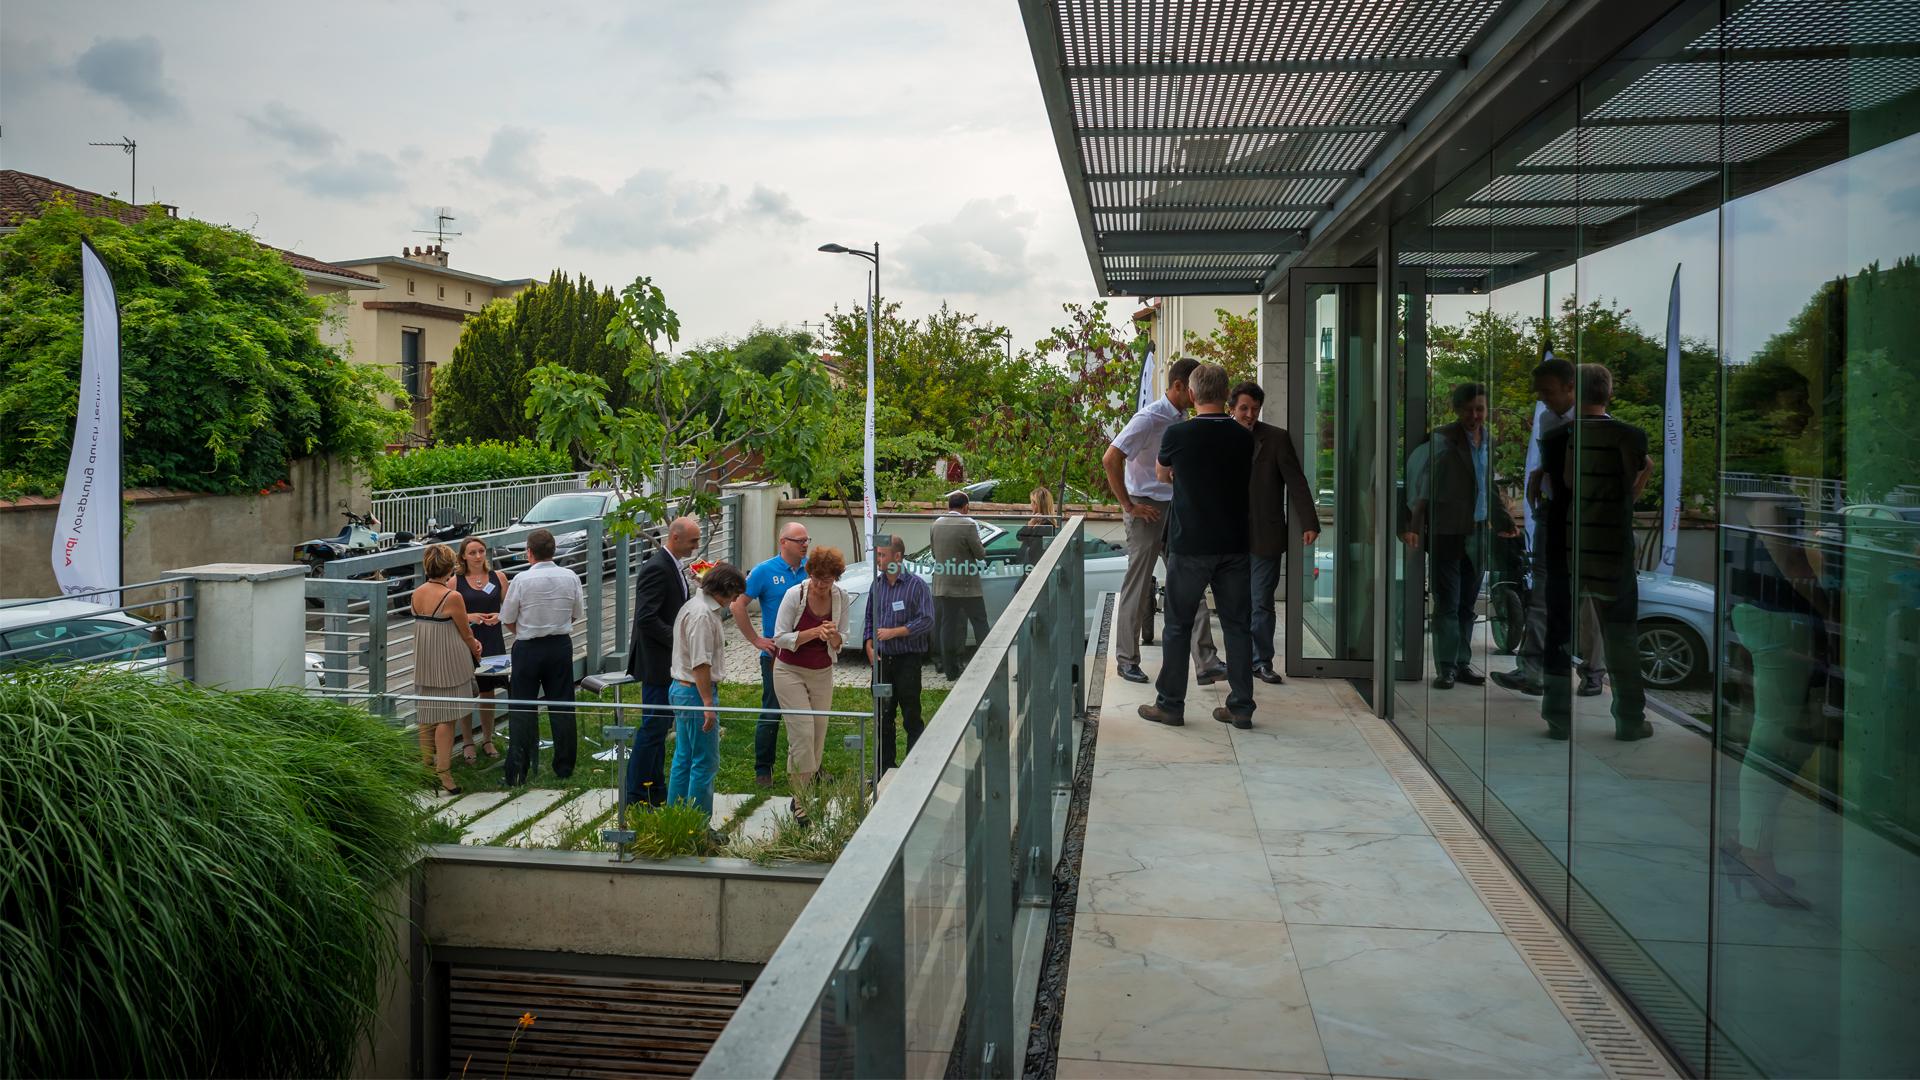 08-seuil-architecture-design-et-mobilité-stéphane-brugidou